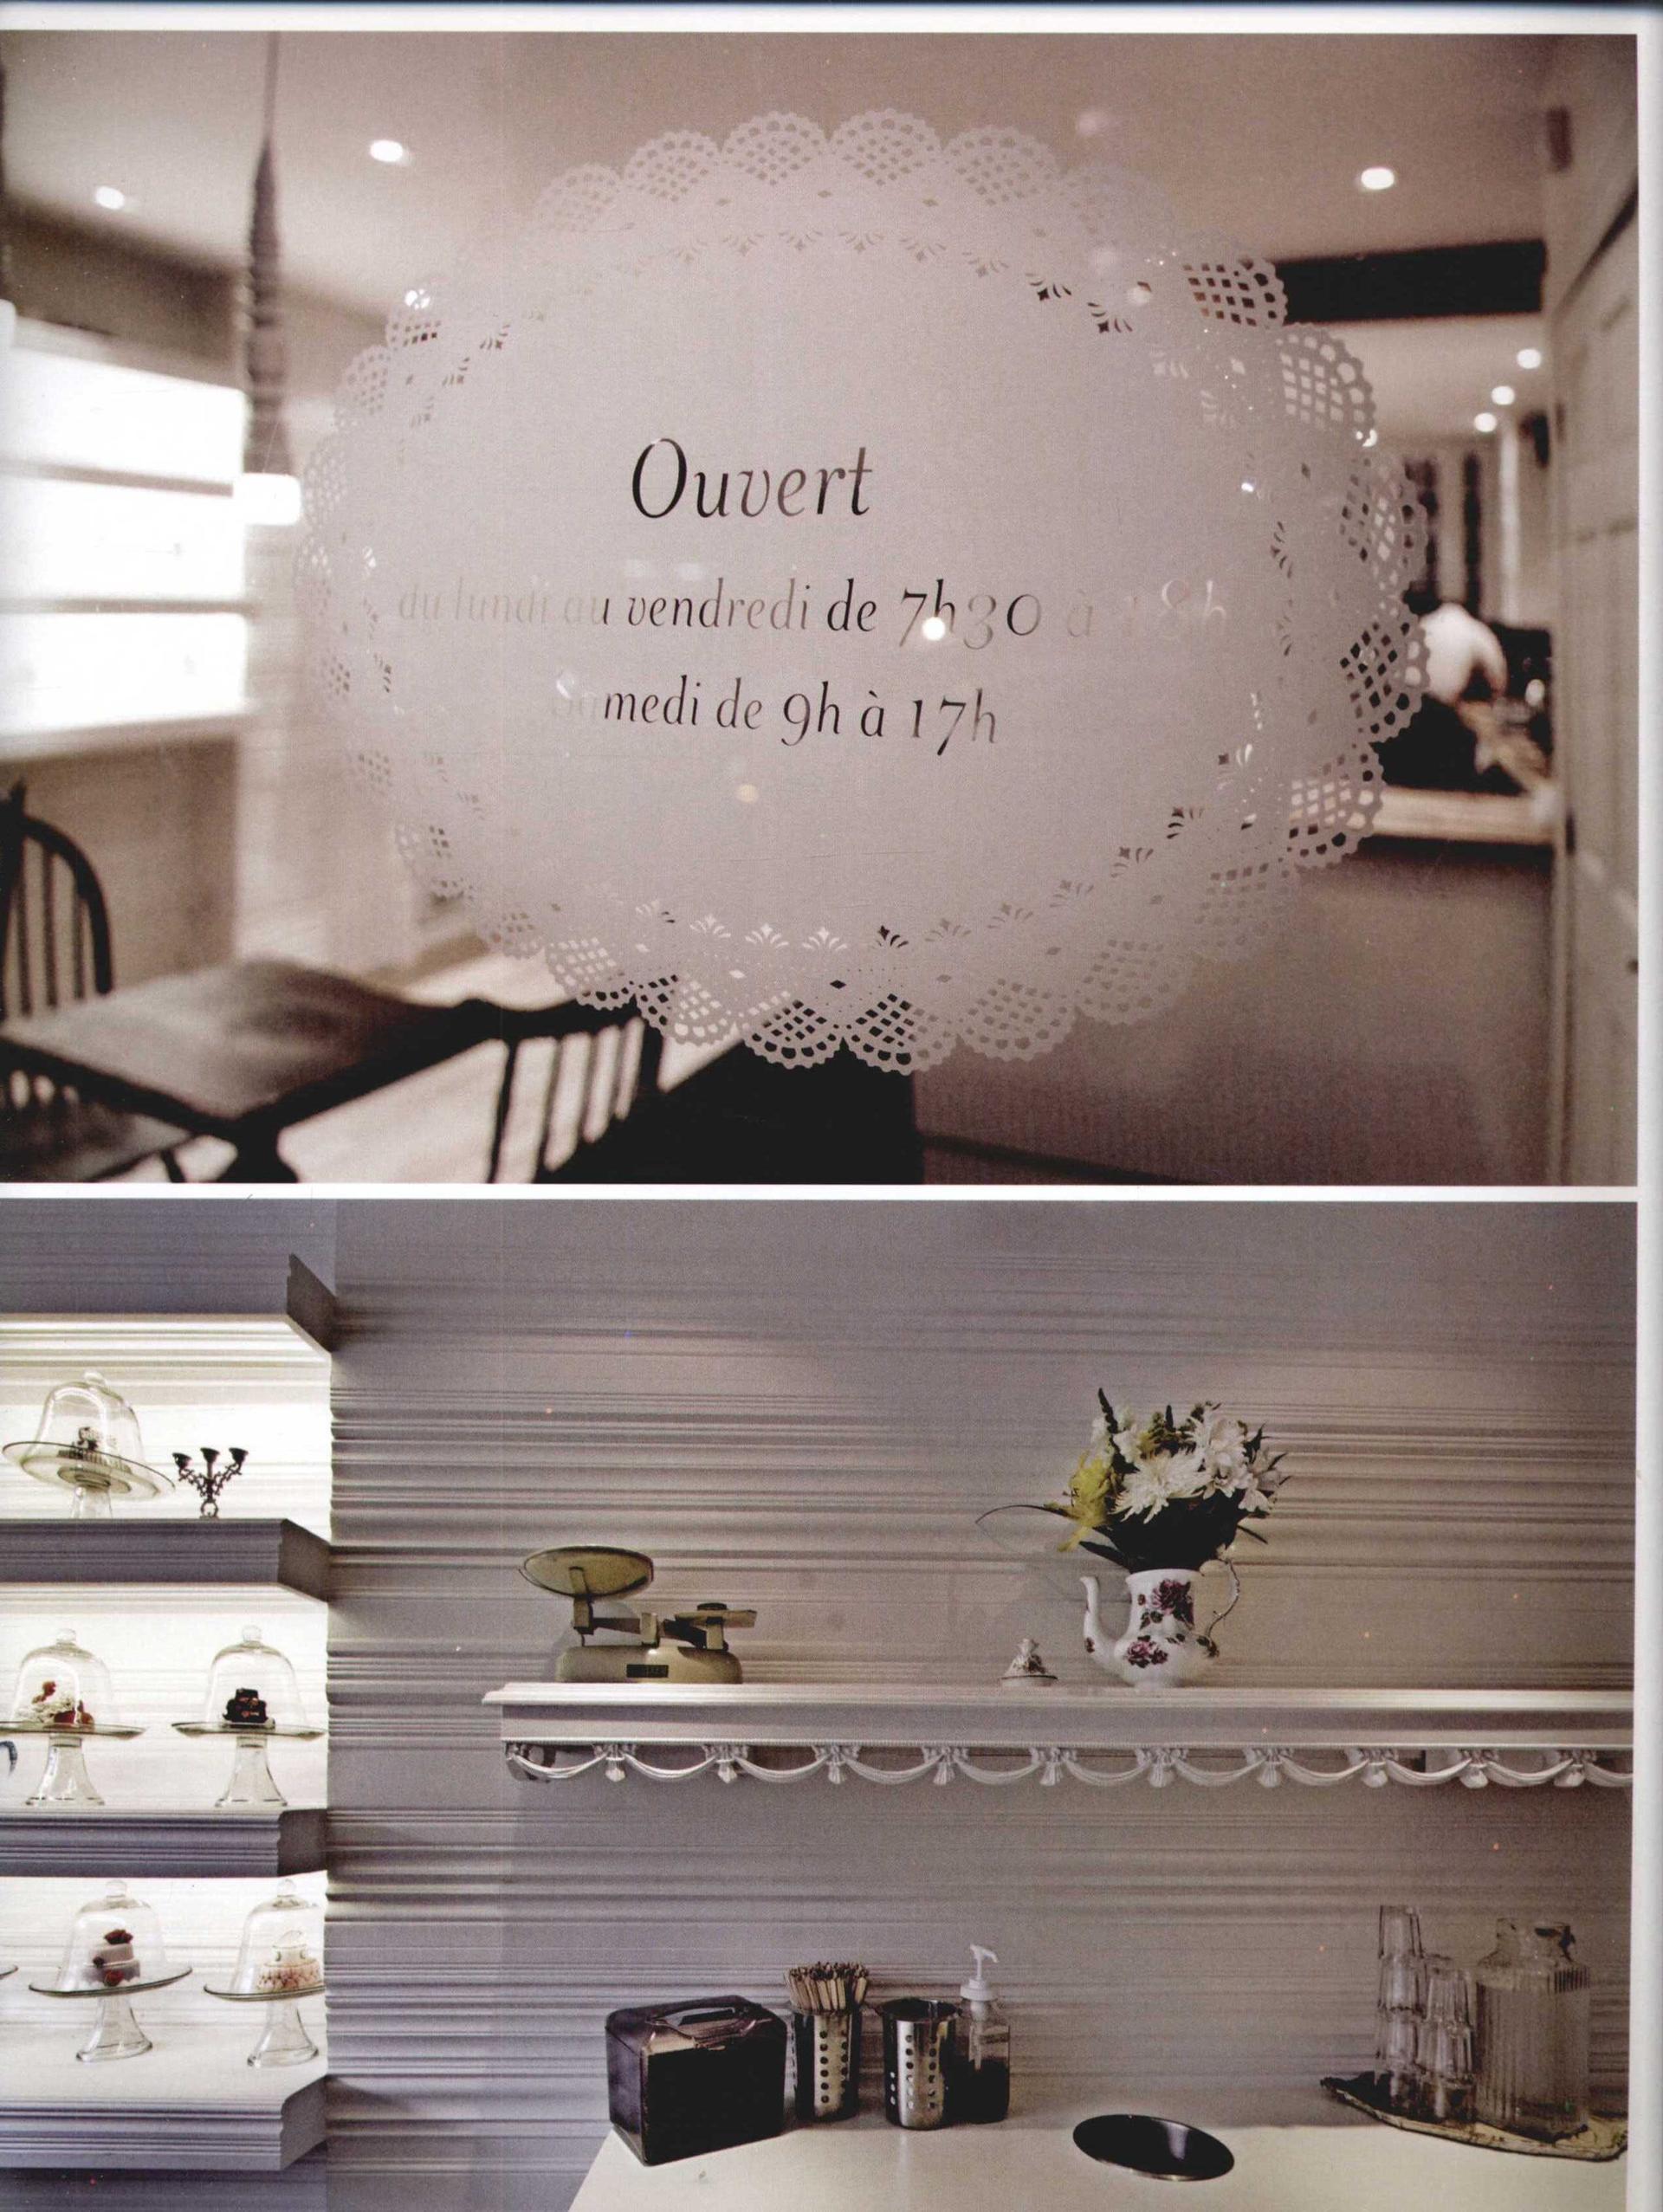 2012全球室内设计年鉴  餐饮_Page_254.jpg